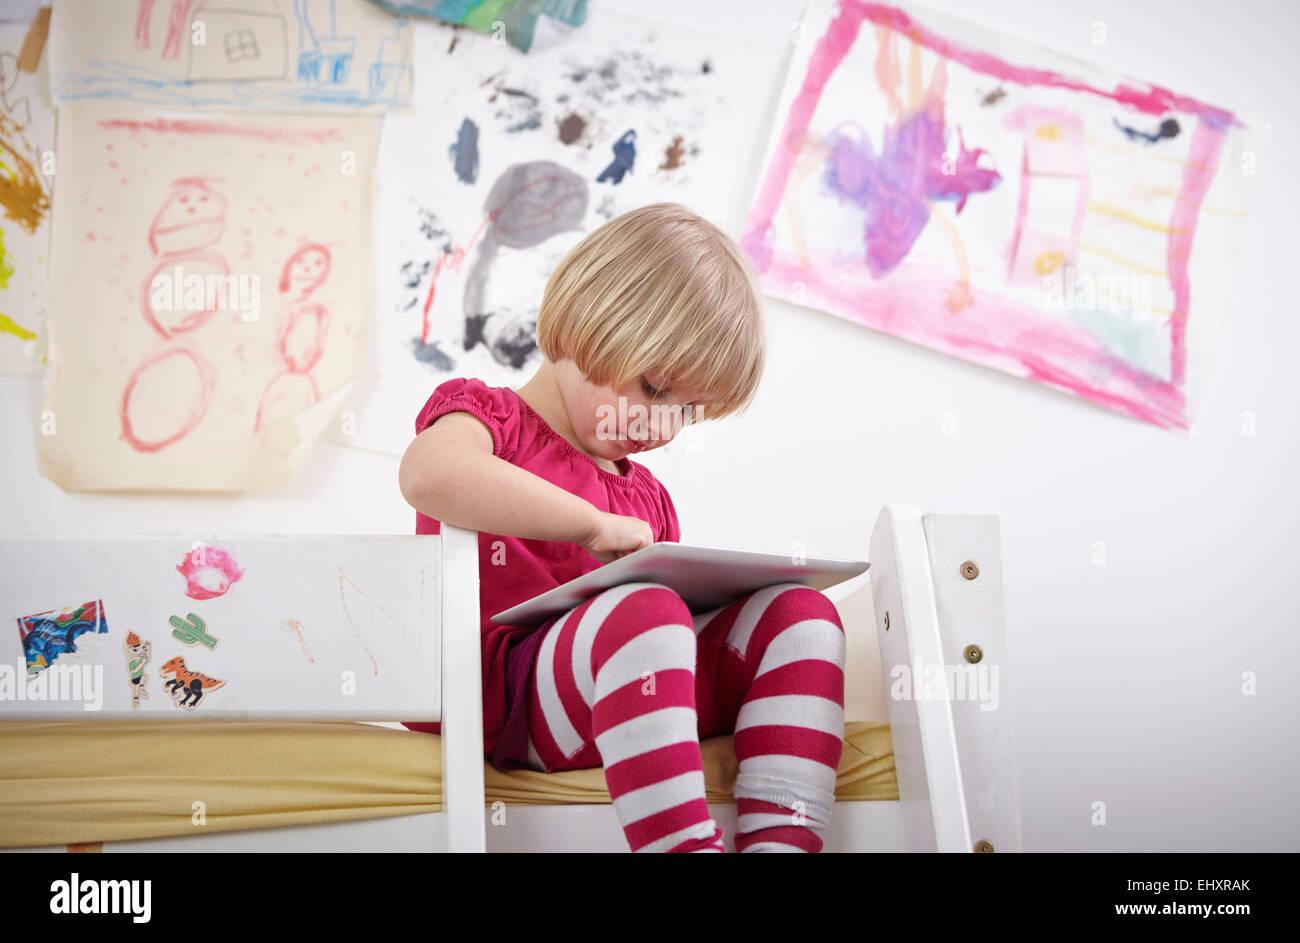 Kleines Etagenbett : Kleines kinderzimmer mit hoch oder etagenbett einrichten hochbett